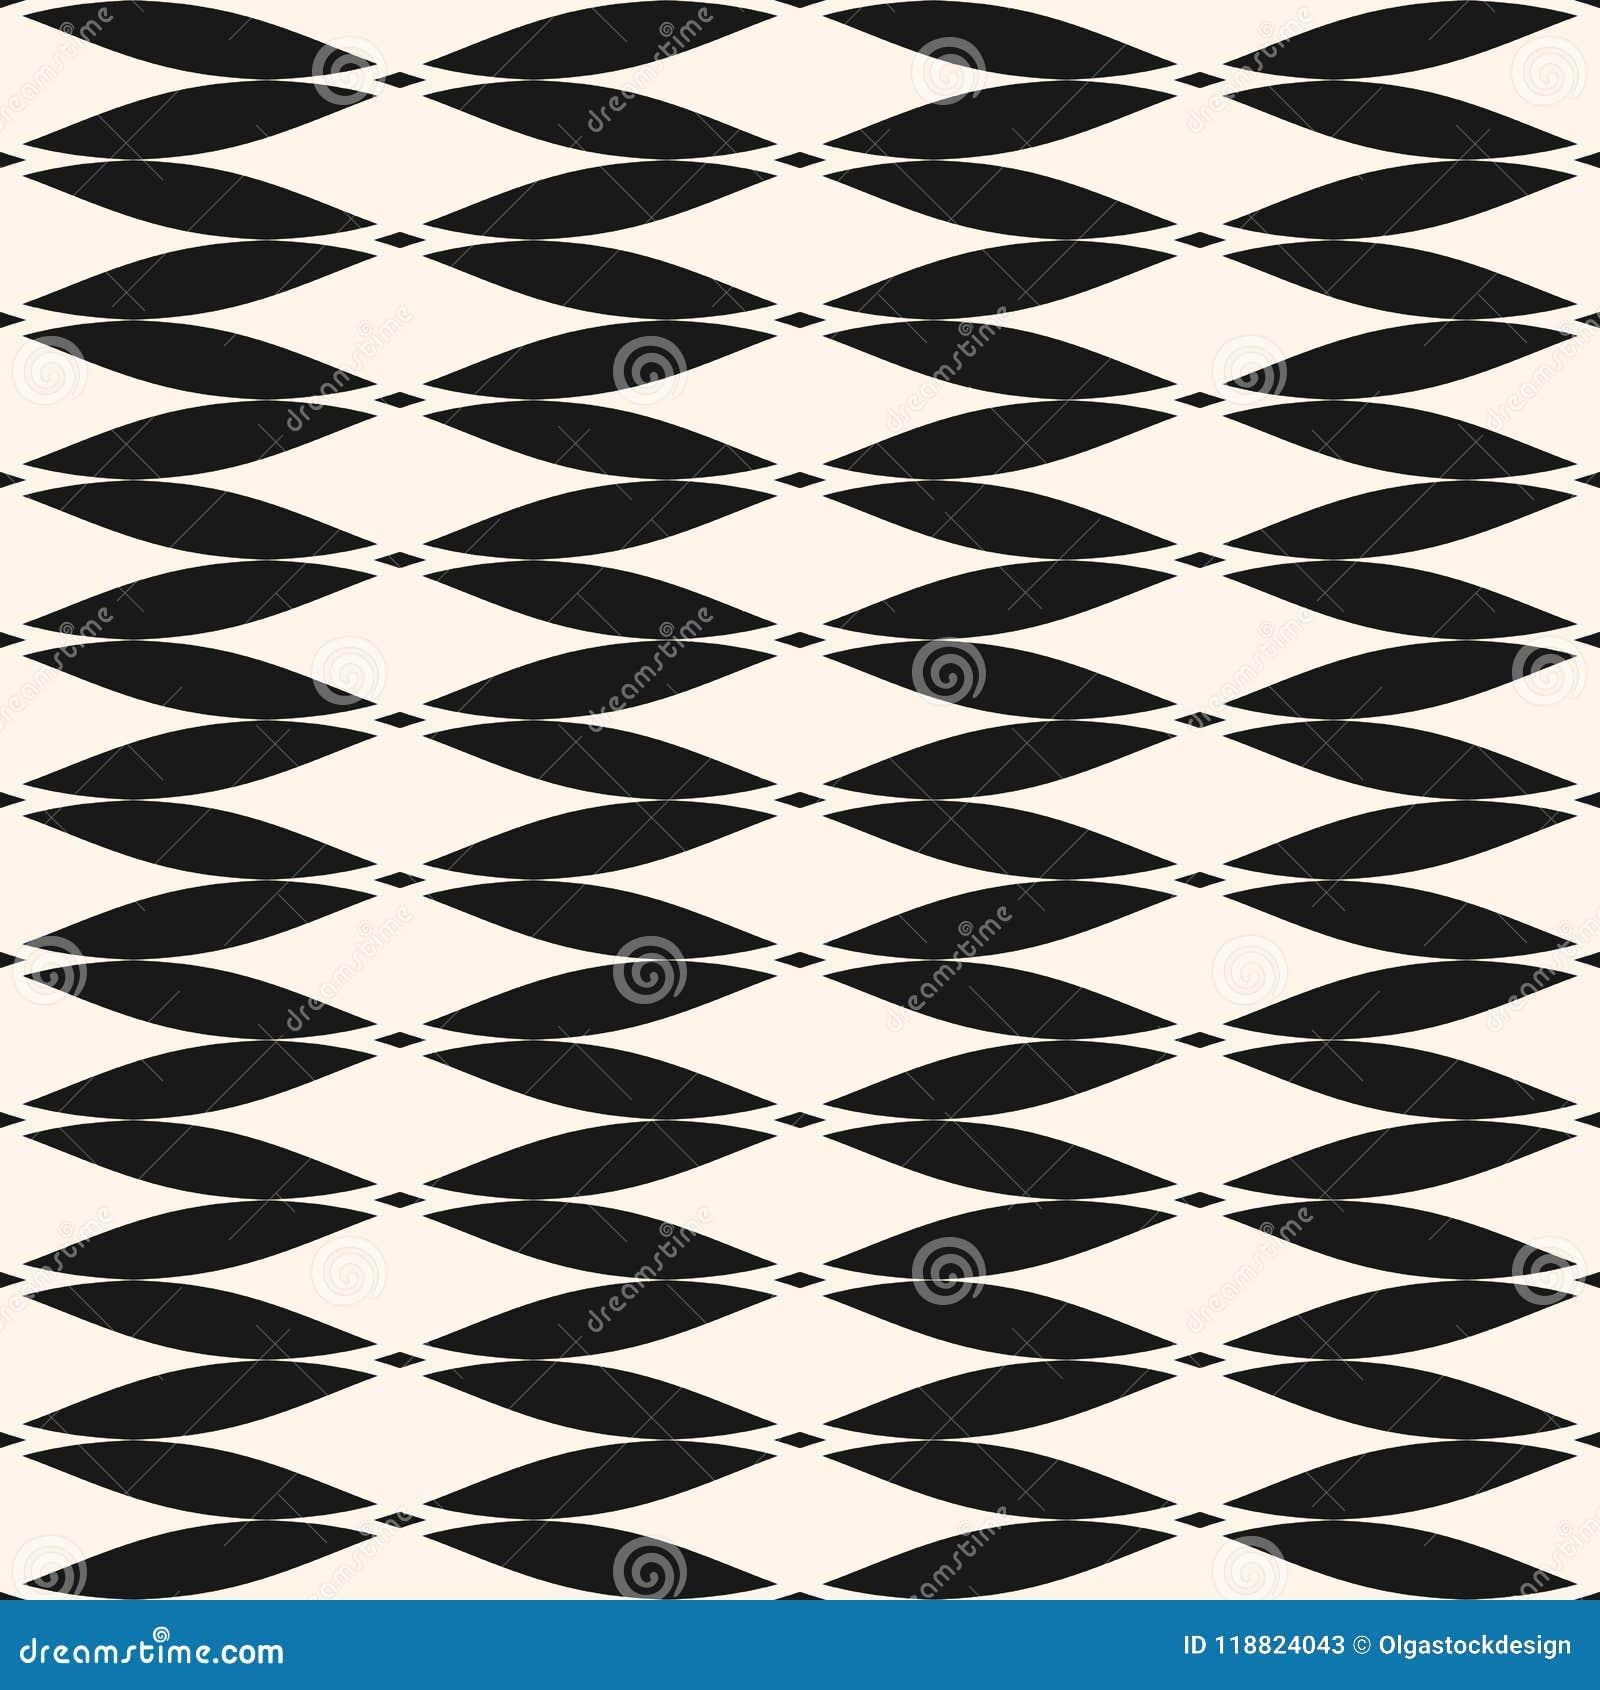 Einfaches nahtloses Muster des geometrischen Designs für Dekor, Gewebe, Gewebe, Möbel, Drucke, Tapete